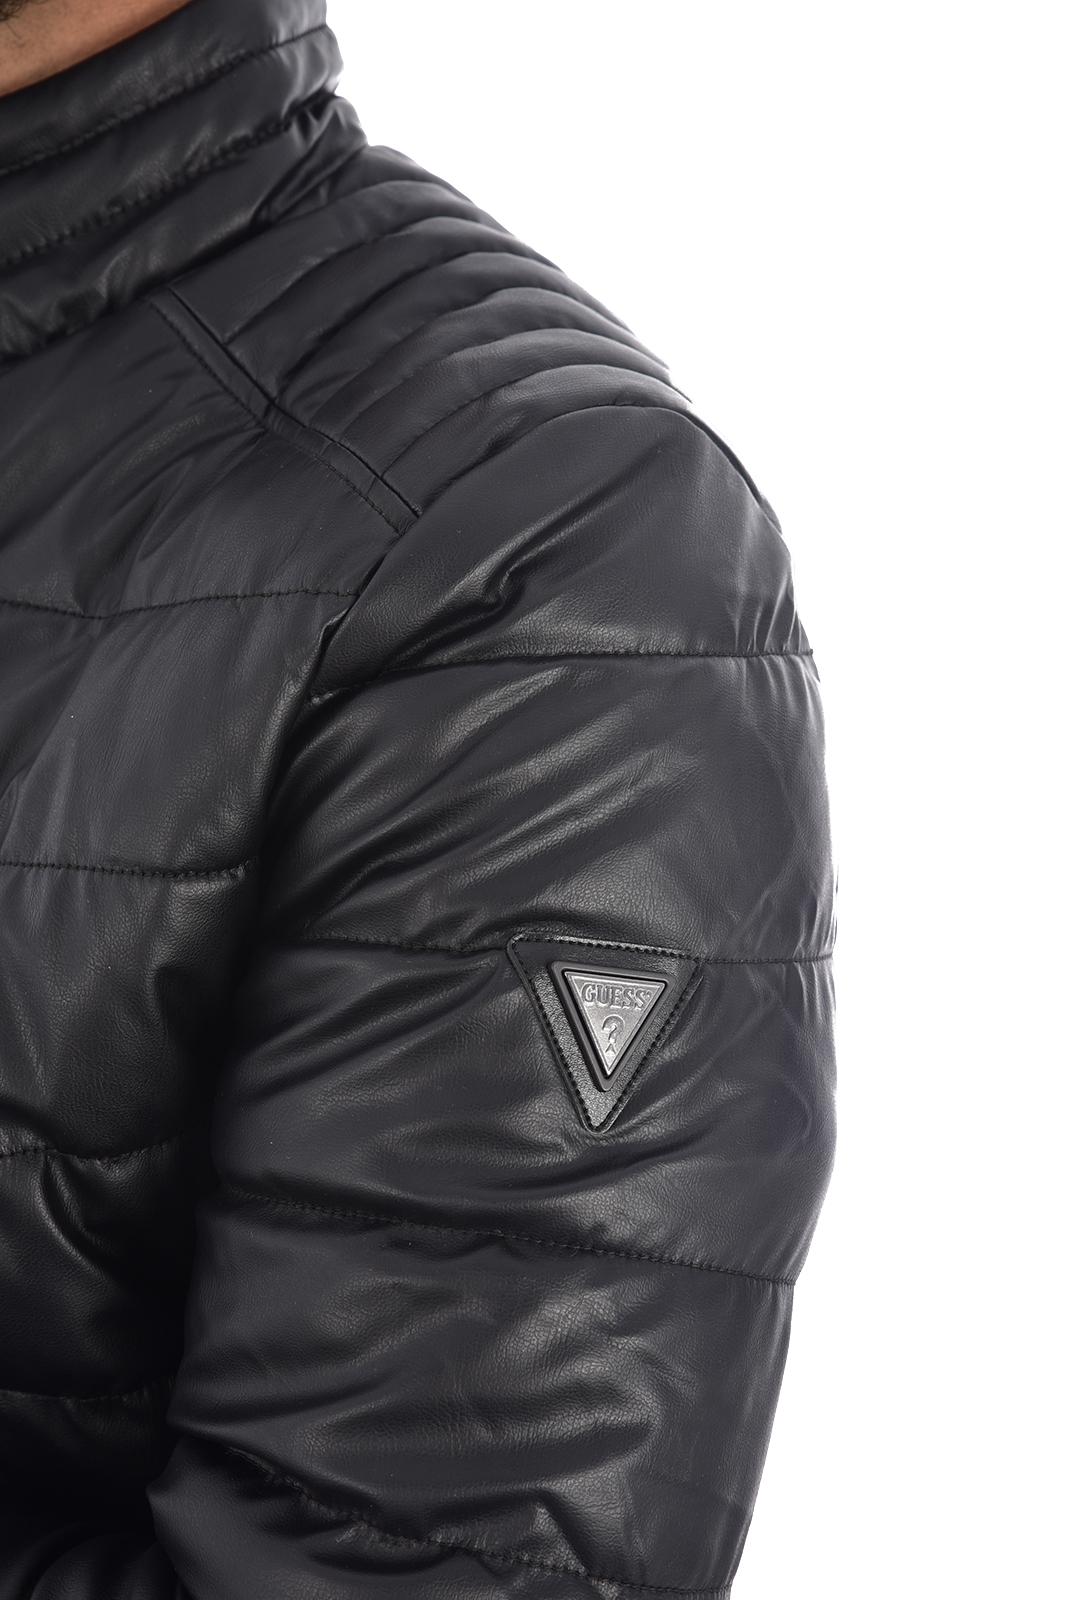 Blousons / doudounes  Guess jeans M94L43 WABC0 Jet Black A996